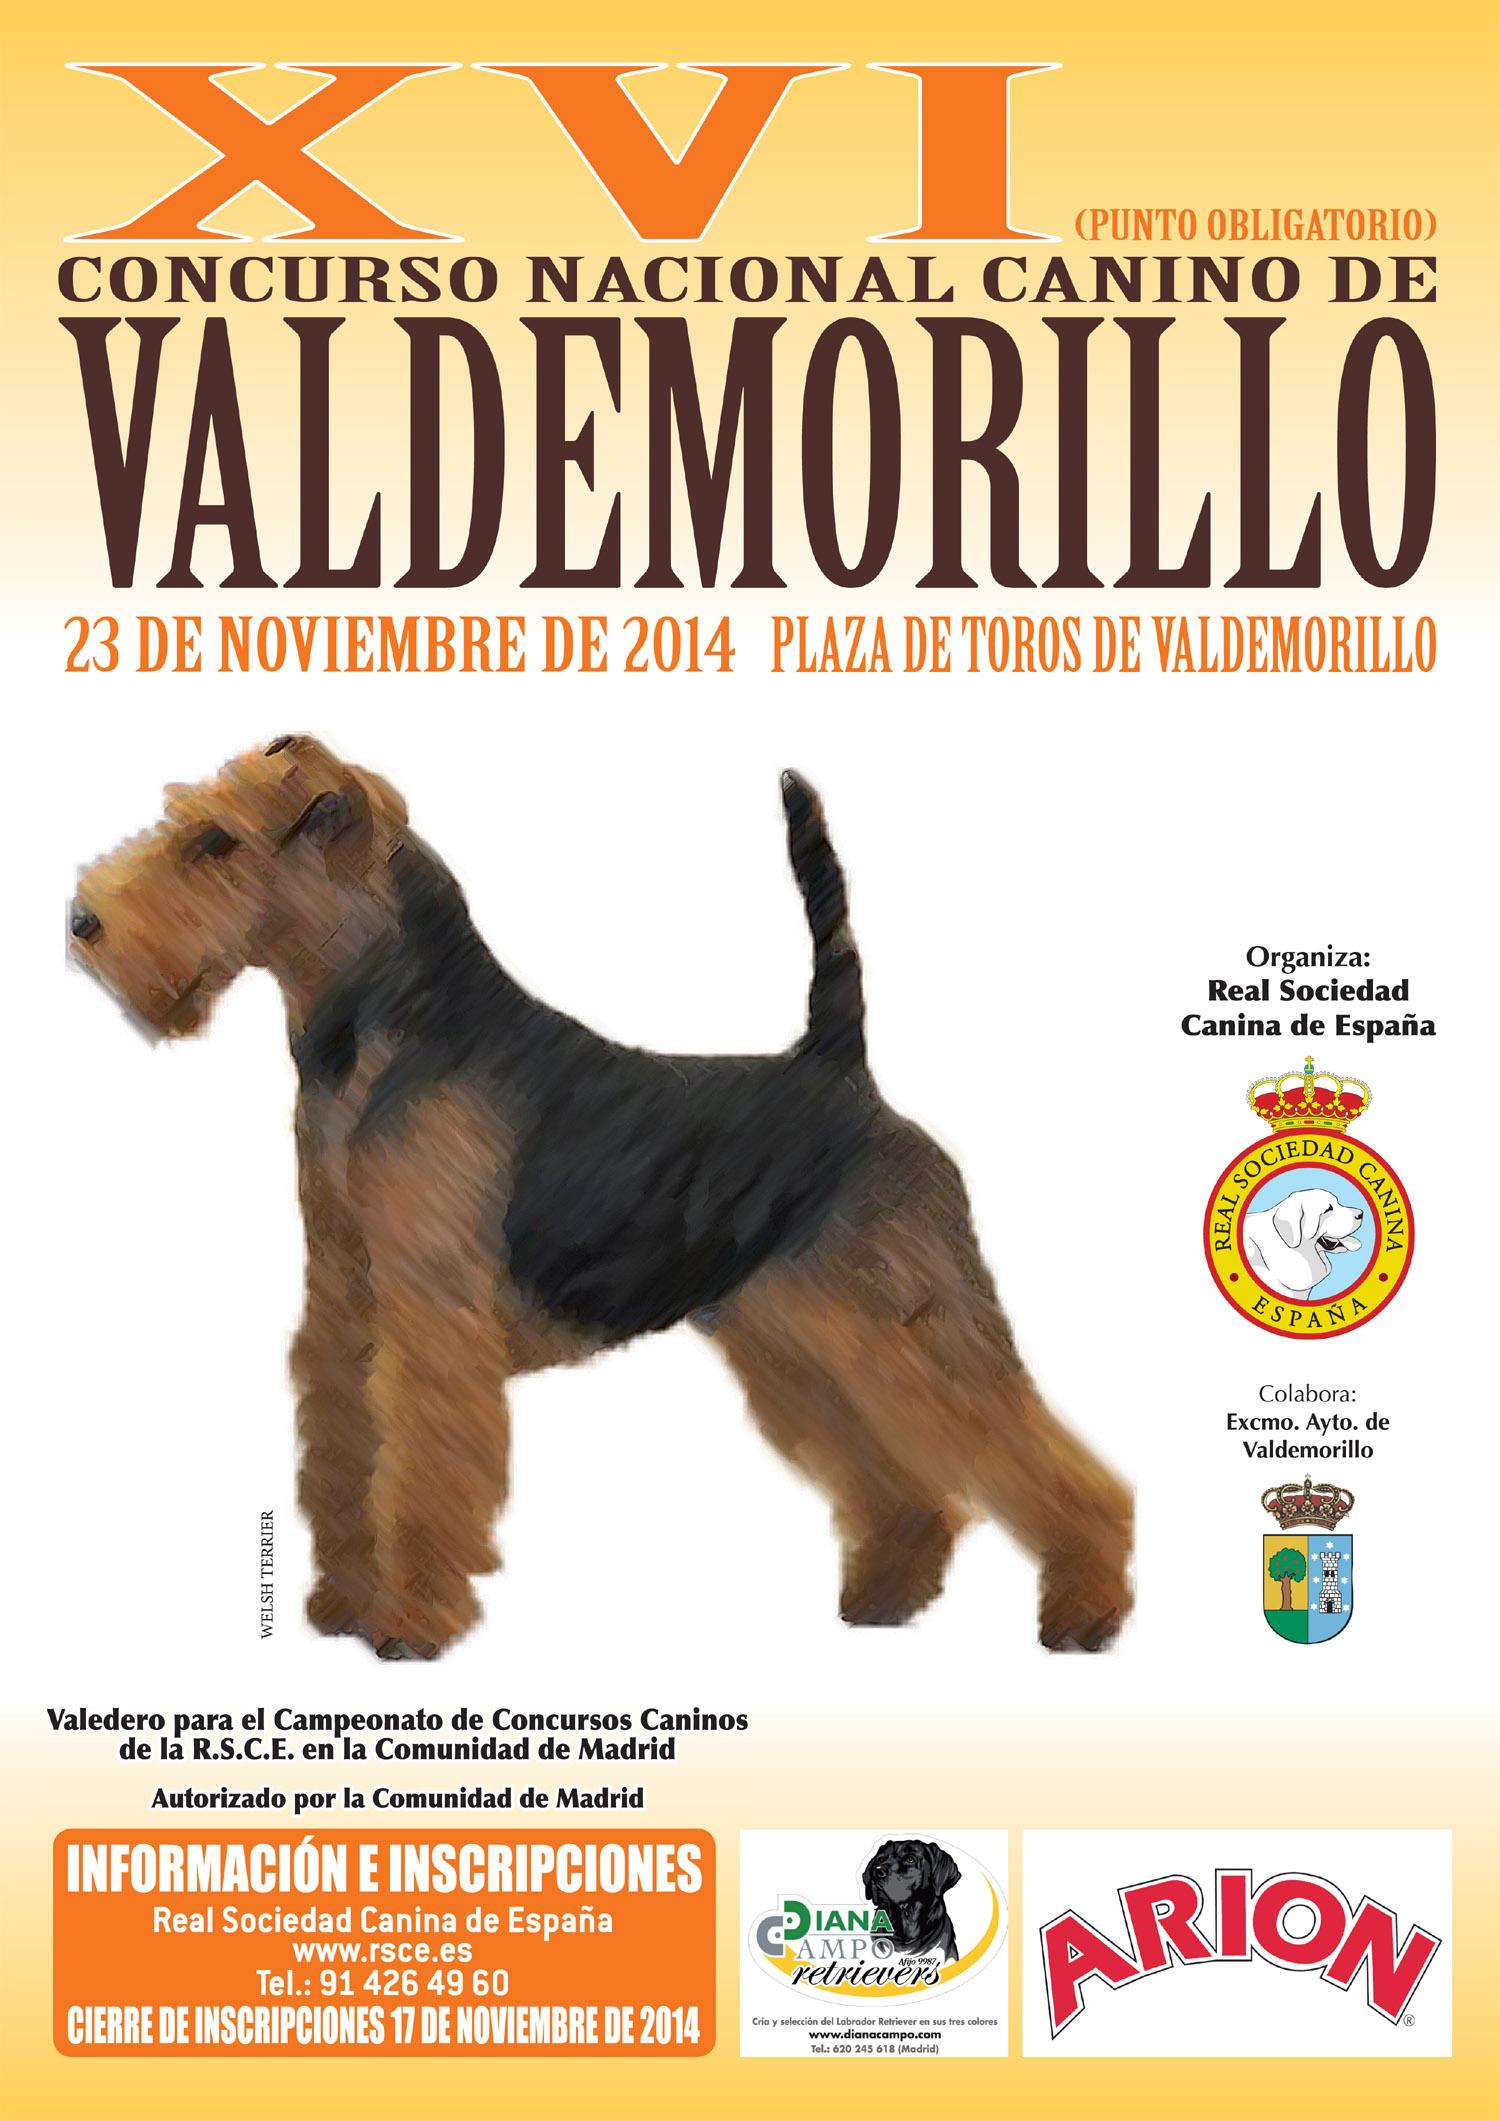 concurso-nacional-canino-valdemorillo